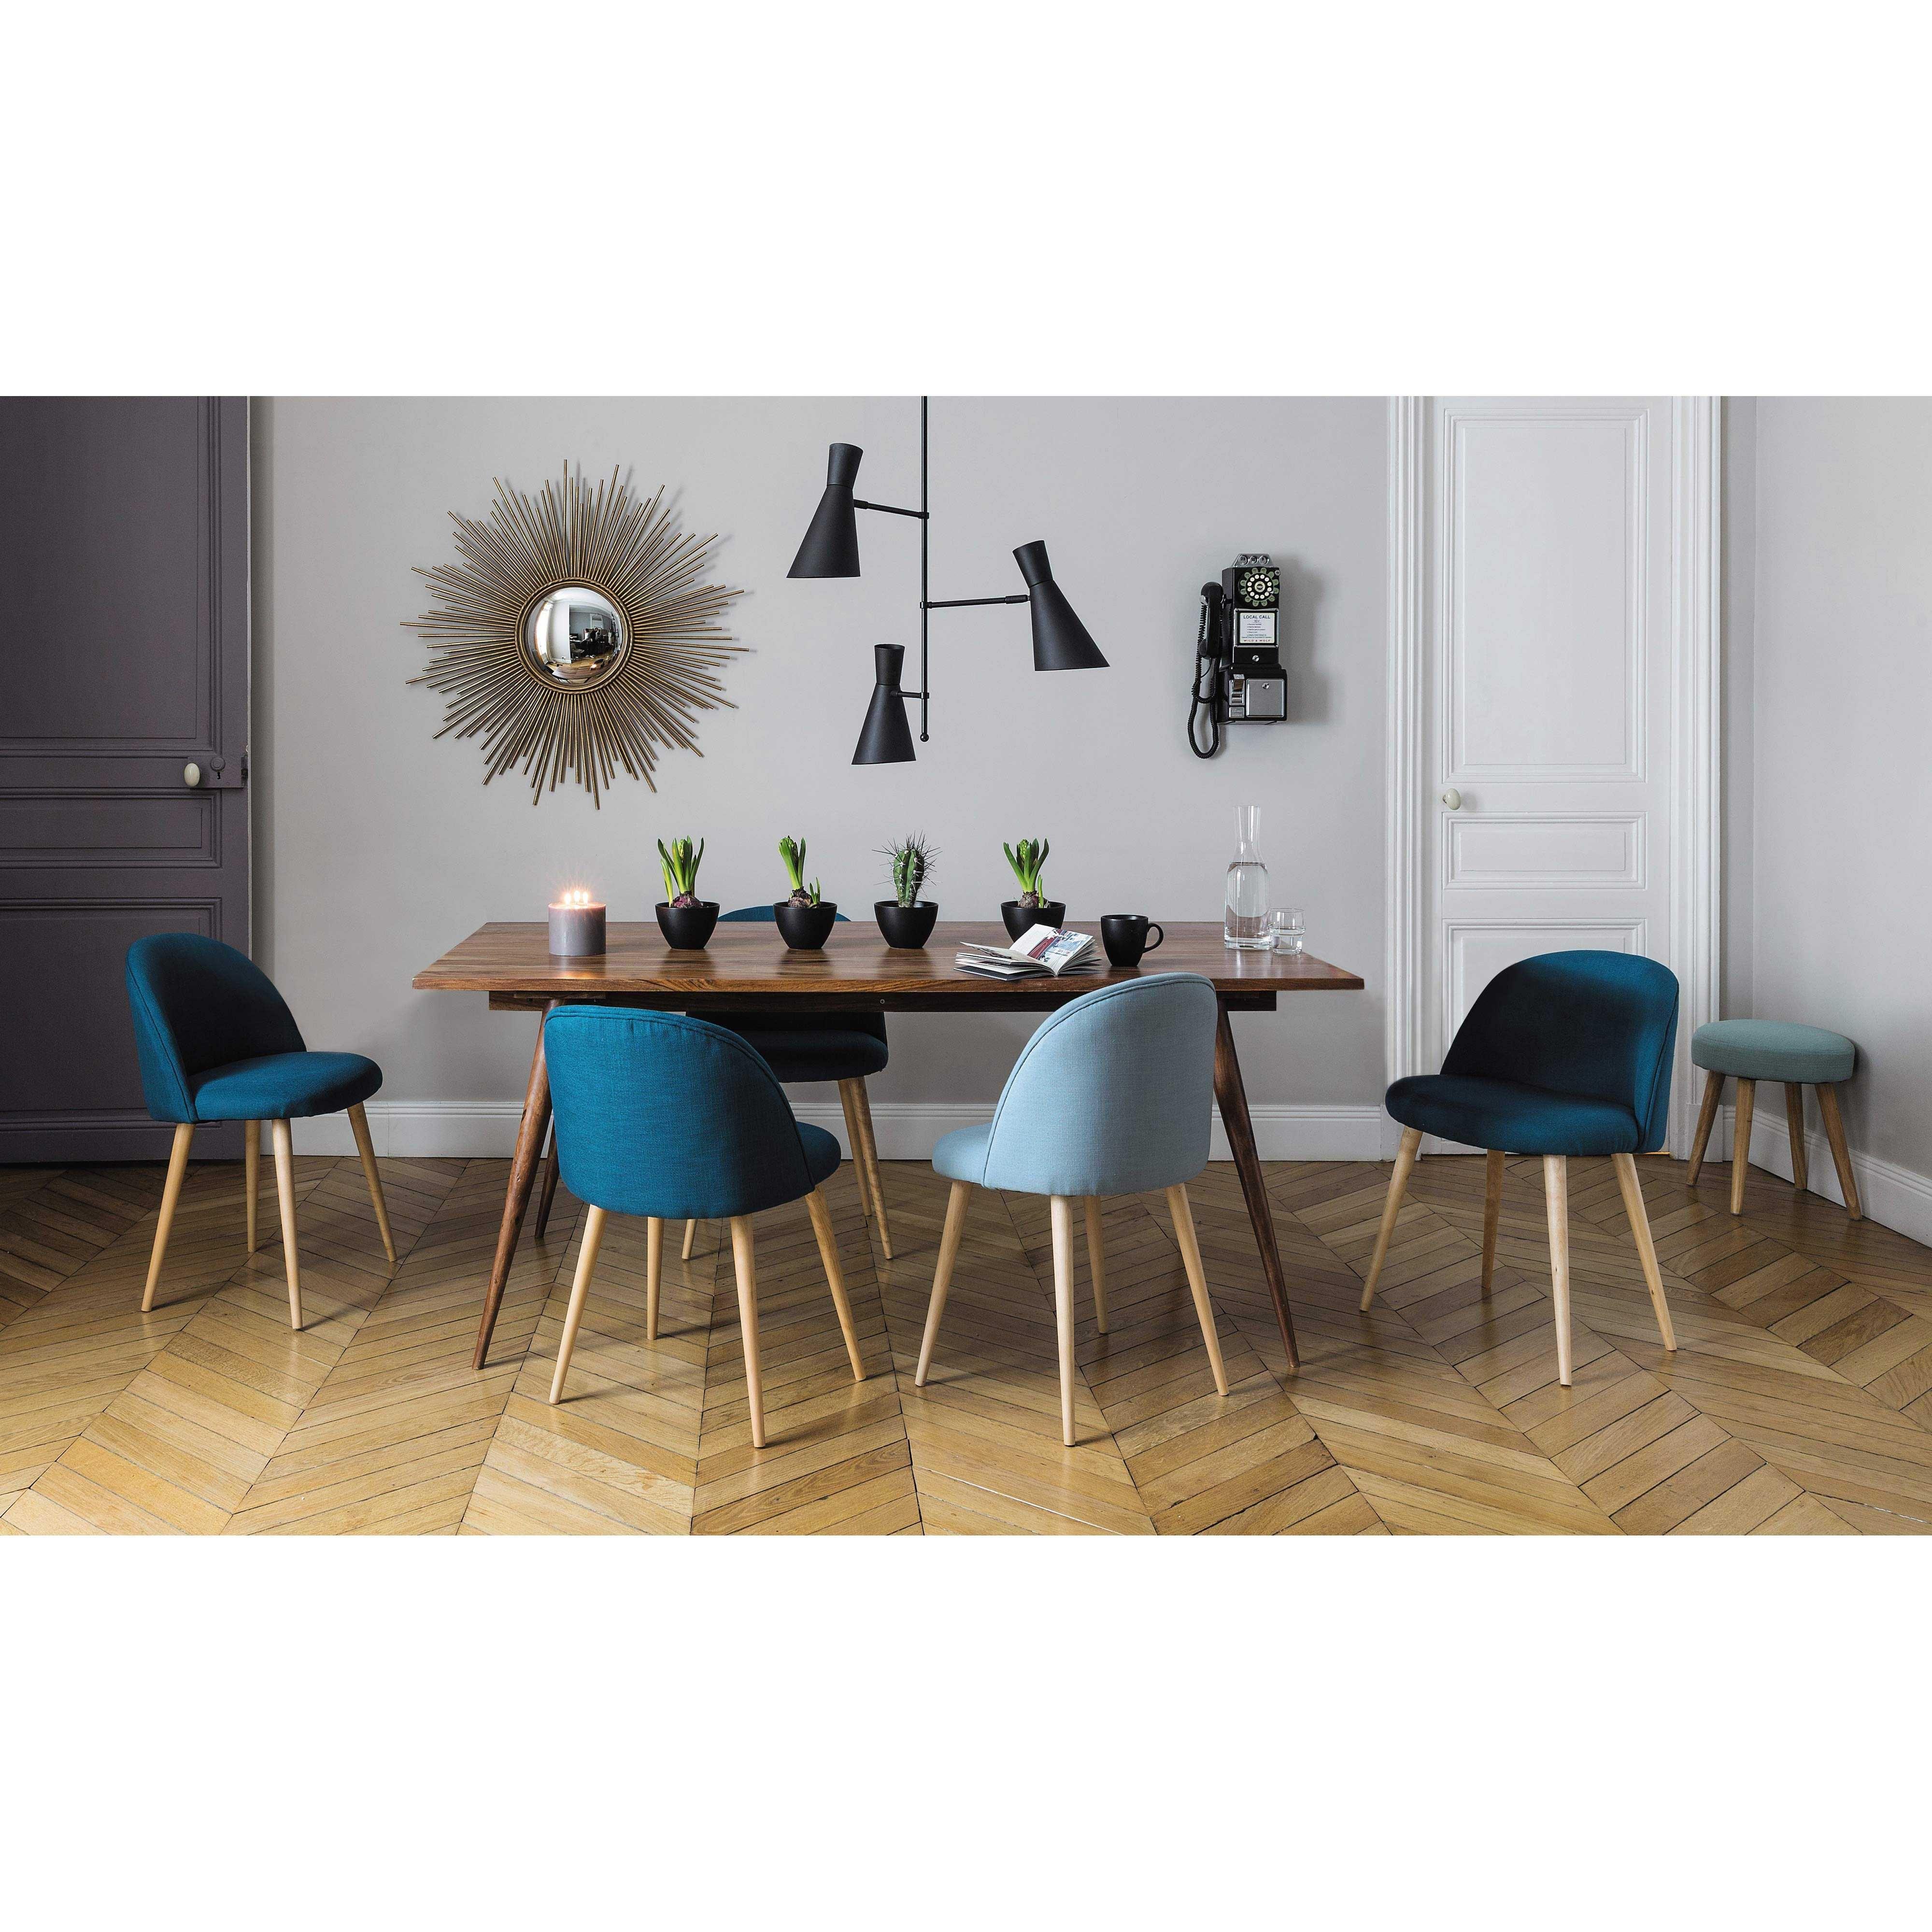 Chaise vintage bleue et bouleau massif maison du monde - Maisons du monde chaises ...